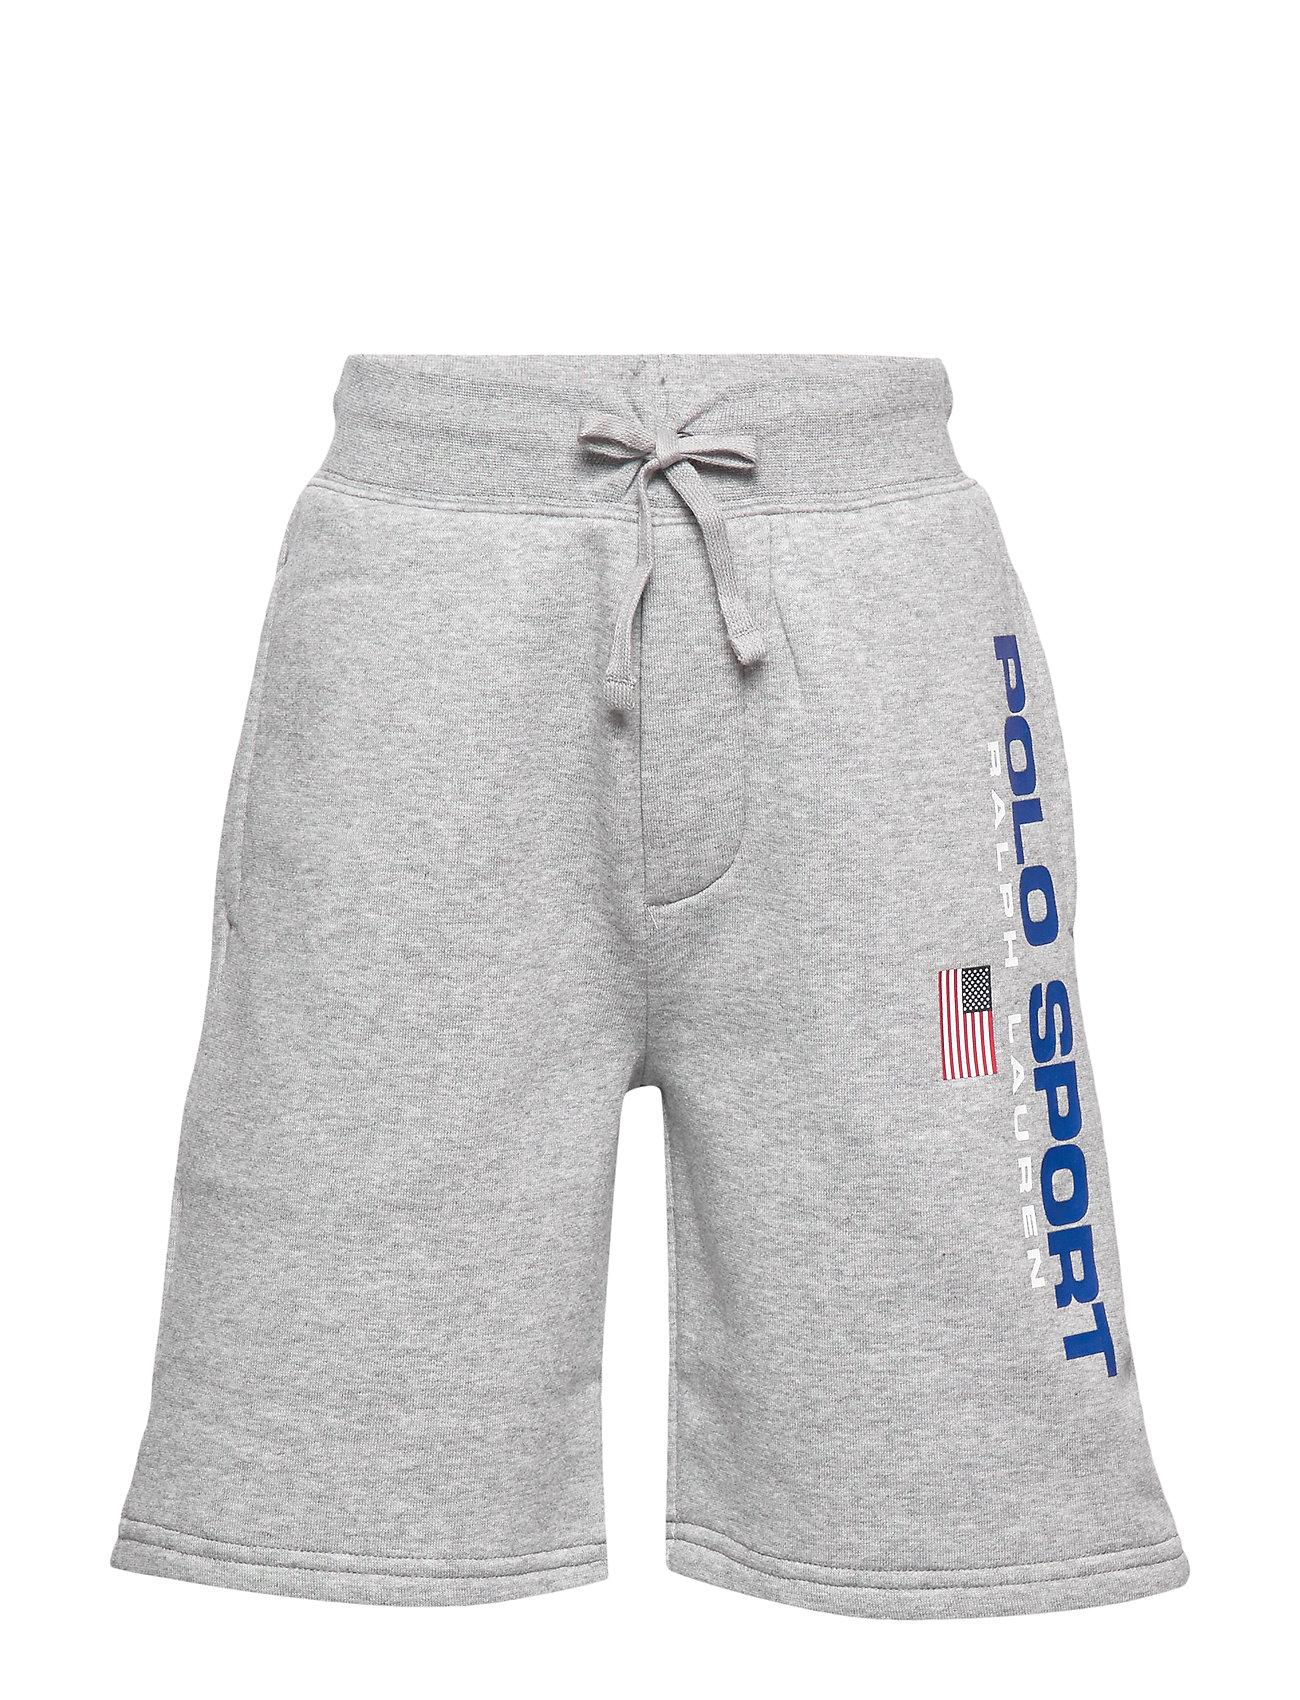 Ralph Lauren Kids Polo Sport Fleece Short - ANDOVER HEATHER